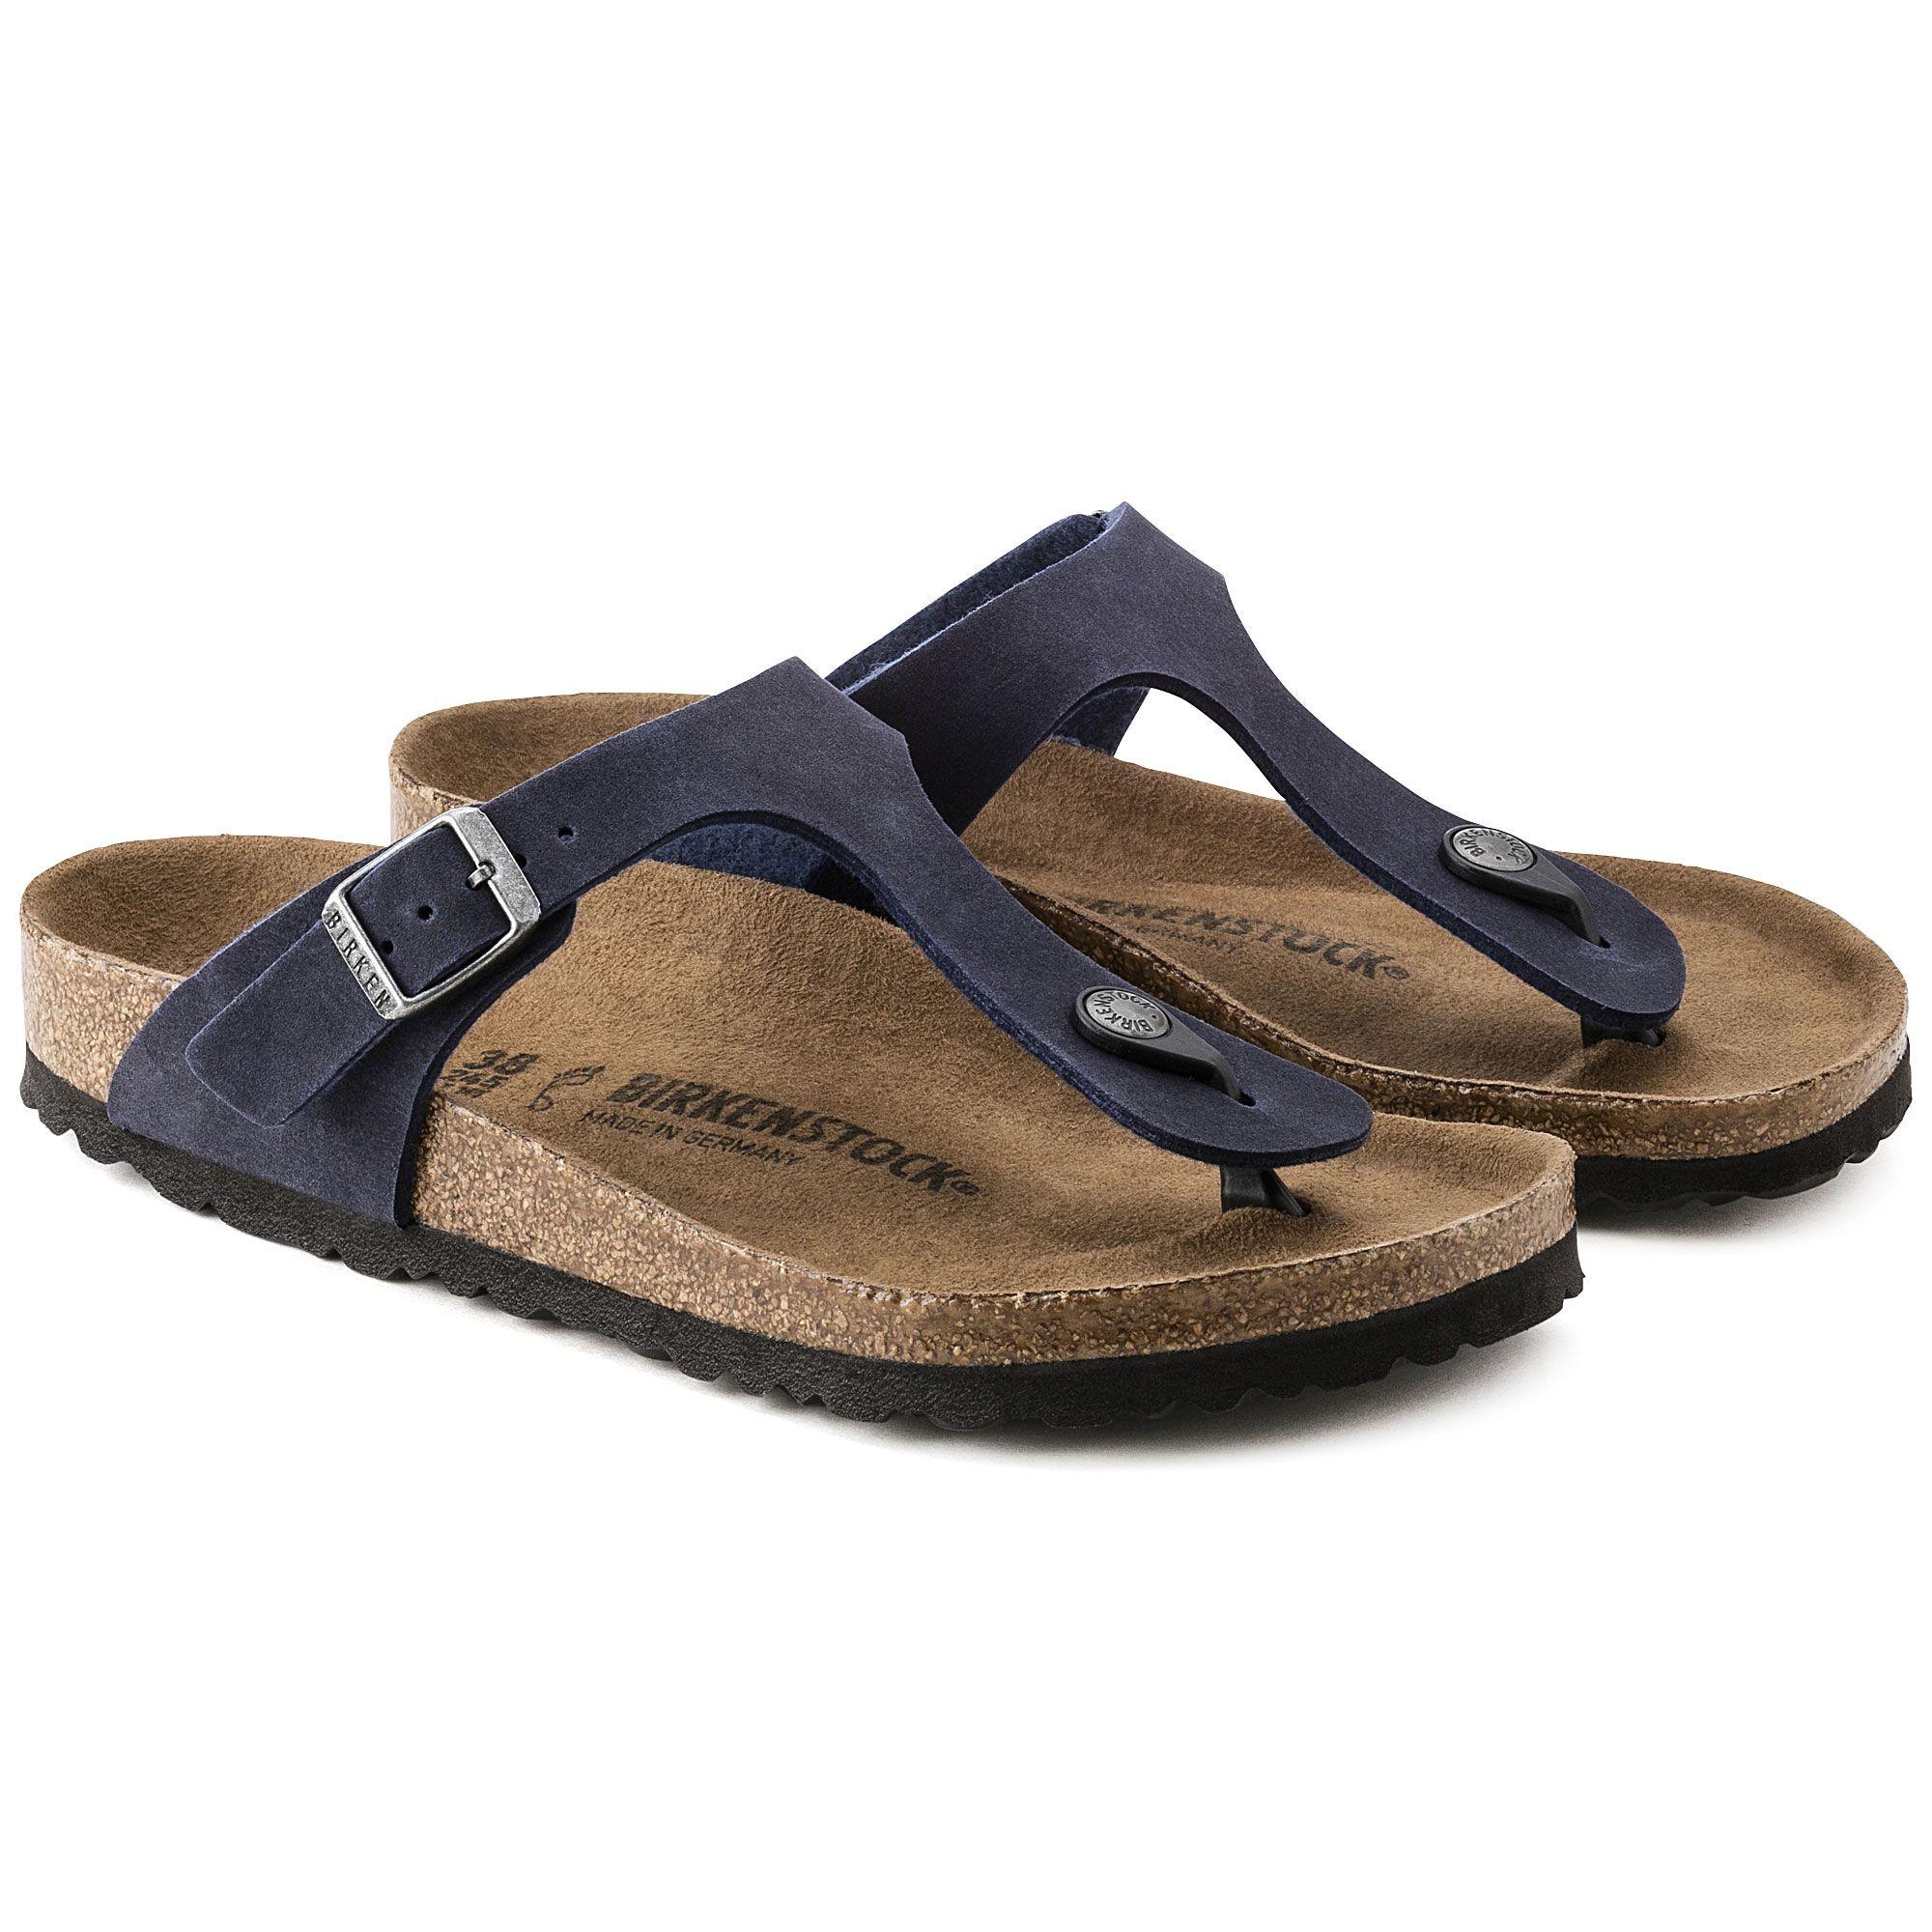 Zapatos marrones formales Birkenstock para mujer LWcuRMin